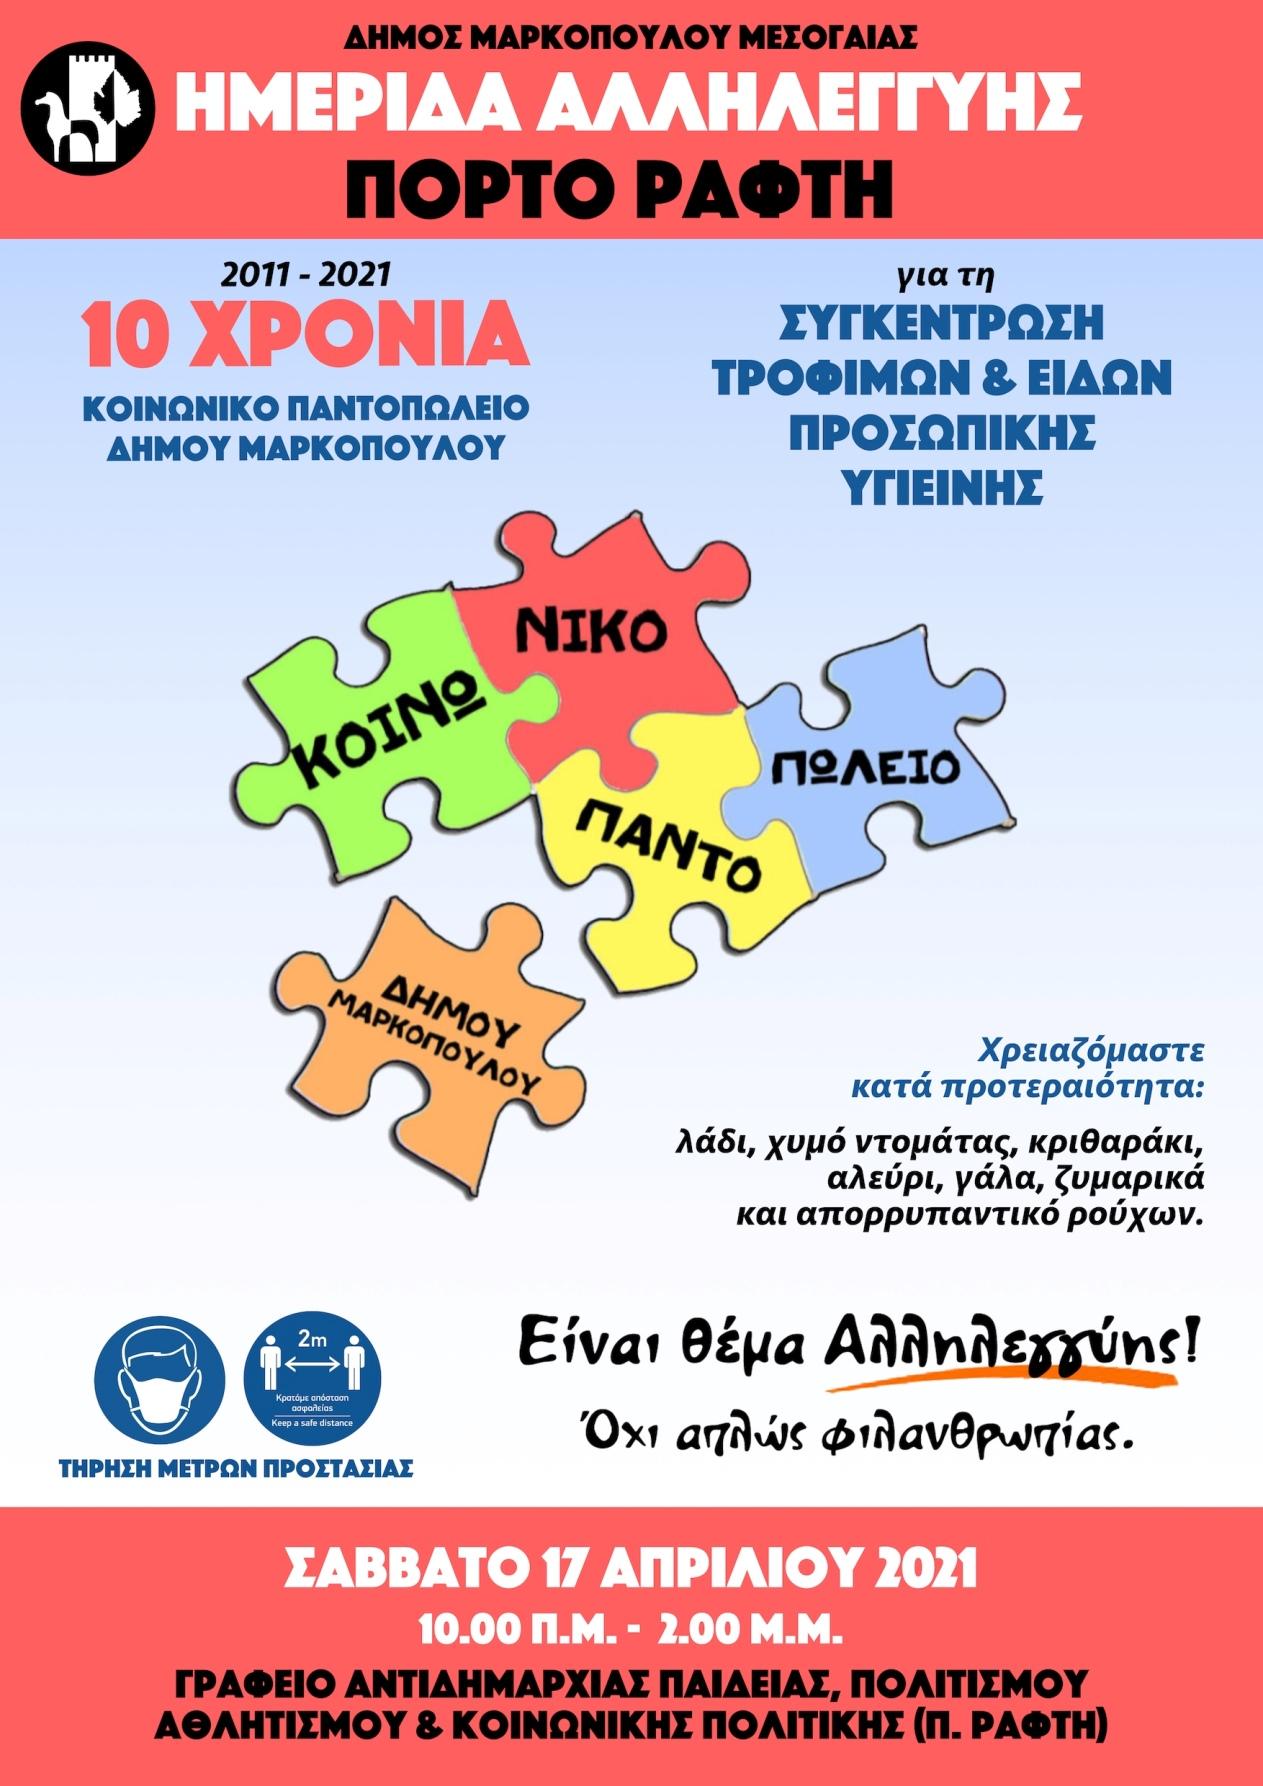 Αφίσα Ημερίδας